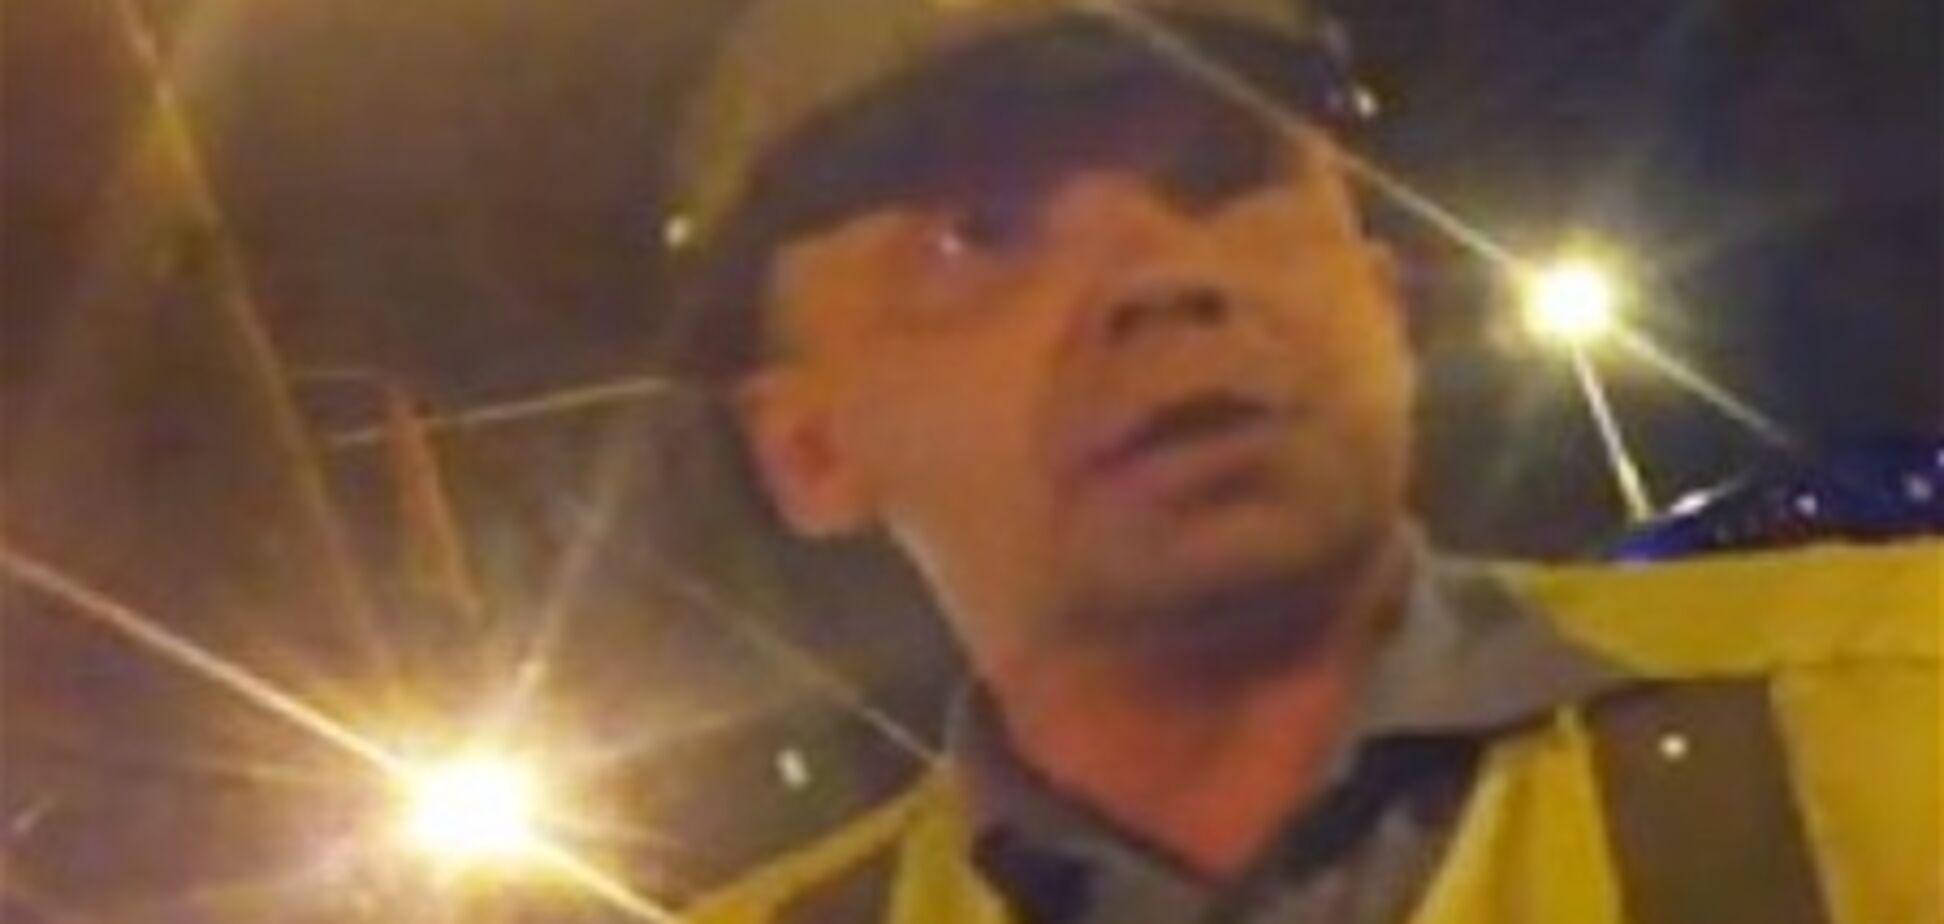 Гаишник из ролика 'Пойду резать, убивать и грабить' уволен. Видео